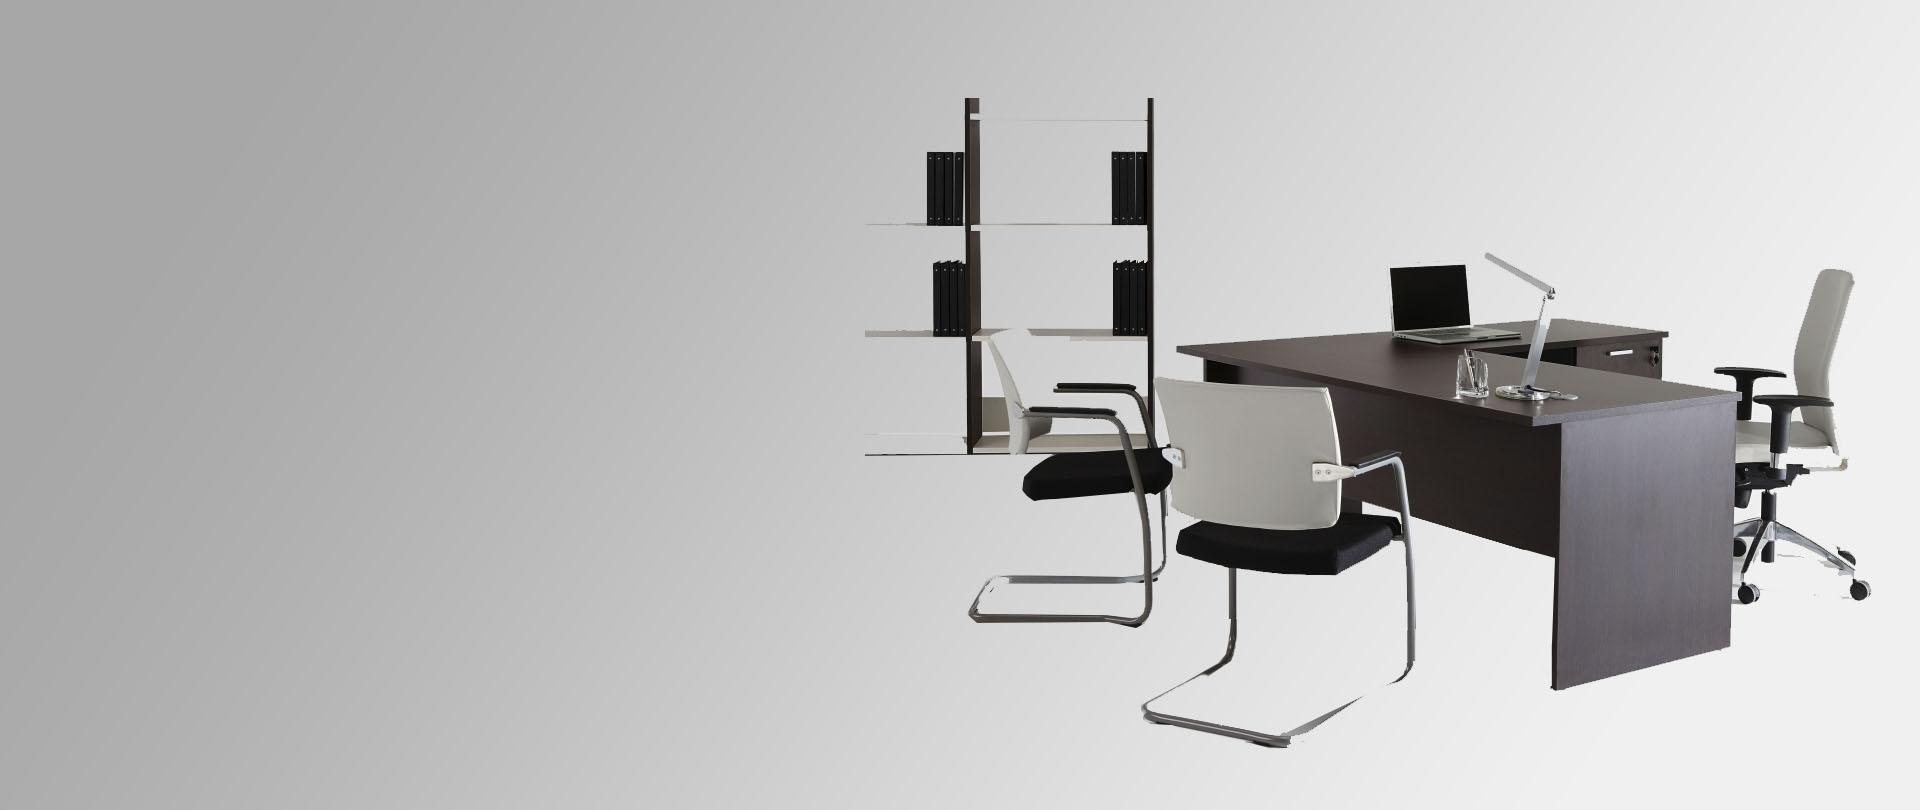 Mobiliario oficina moderno creatividad y dinamismo with for Mobiliario oficina moderno